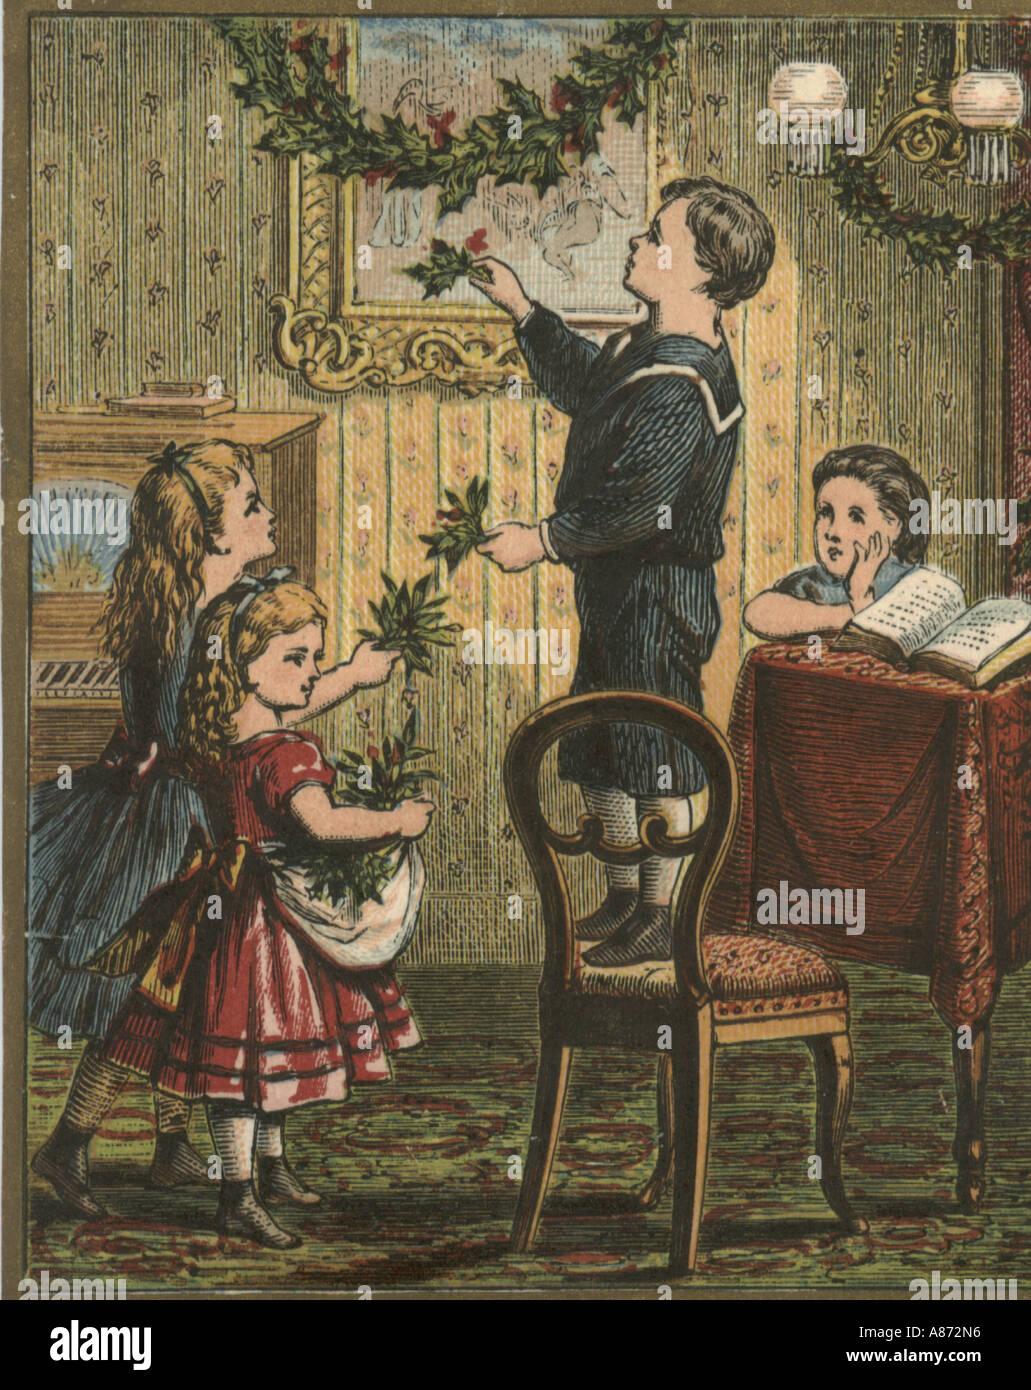 Christmas greeting card circa 1870 stock photo 6862037 alamy christmas greeting card circa 1870 kristyandbryce Choice Image